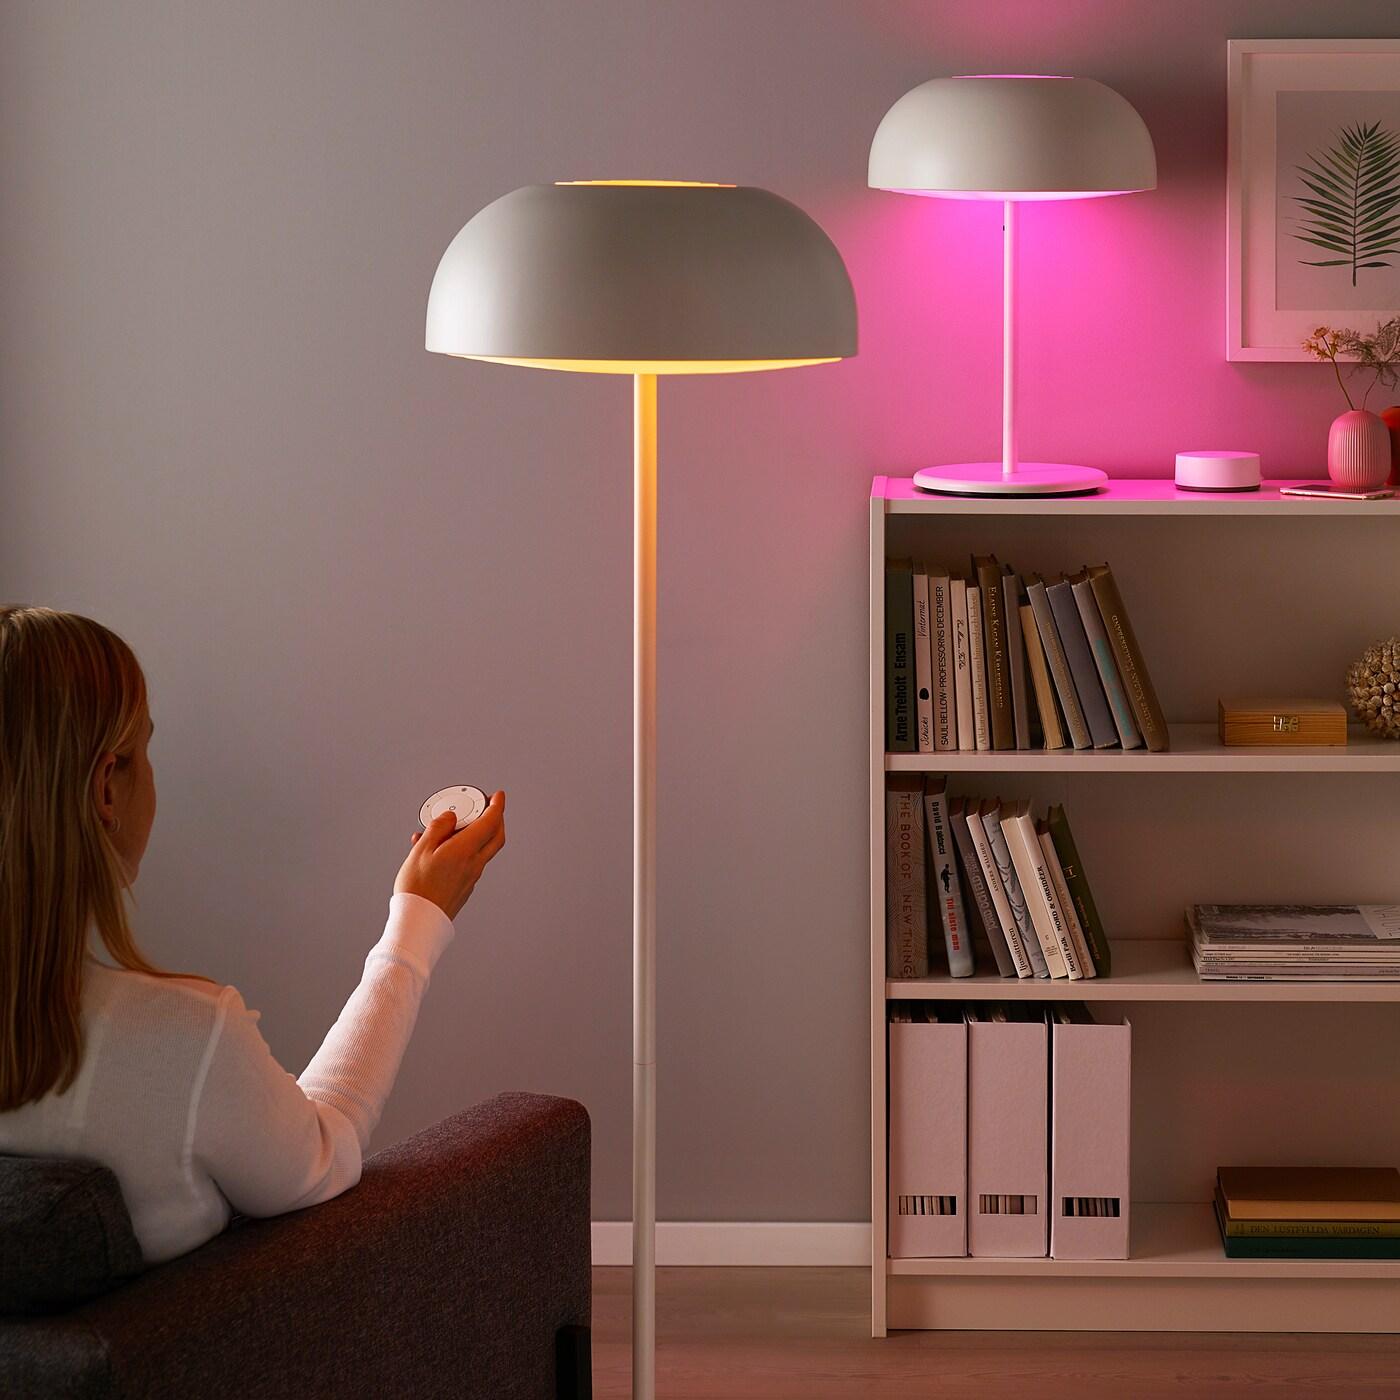 tradfri gateway wie viele lampen